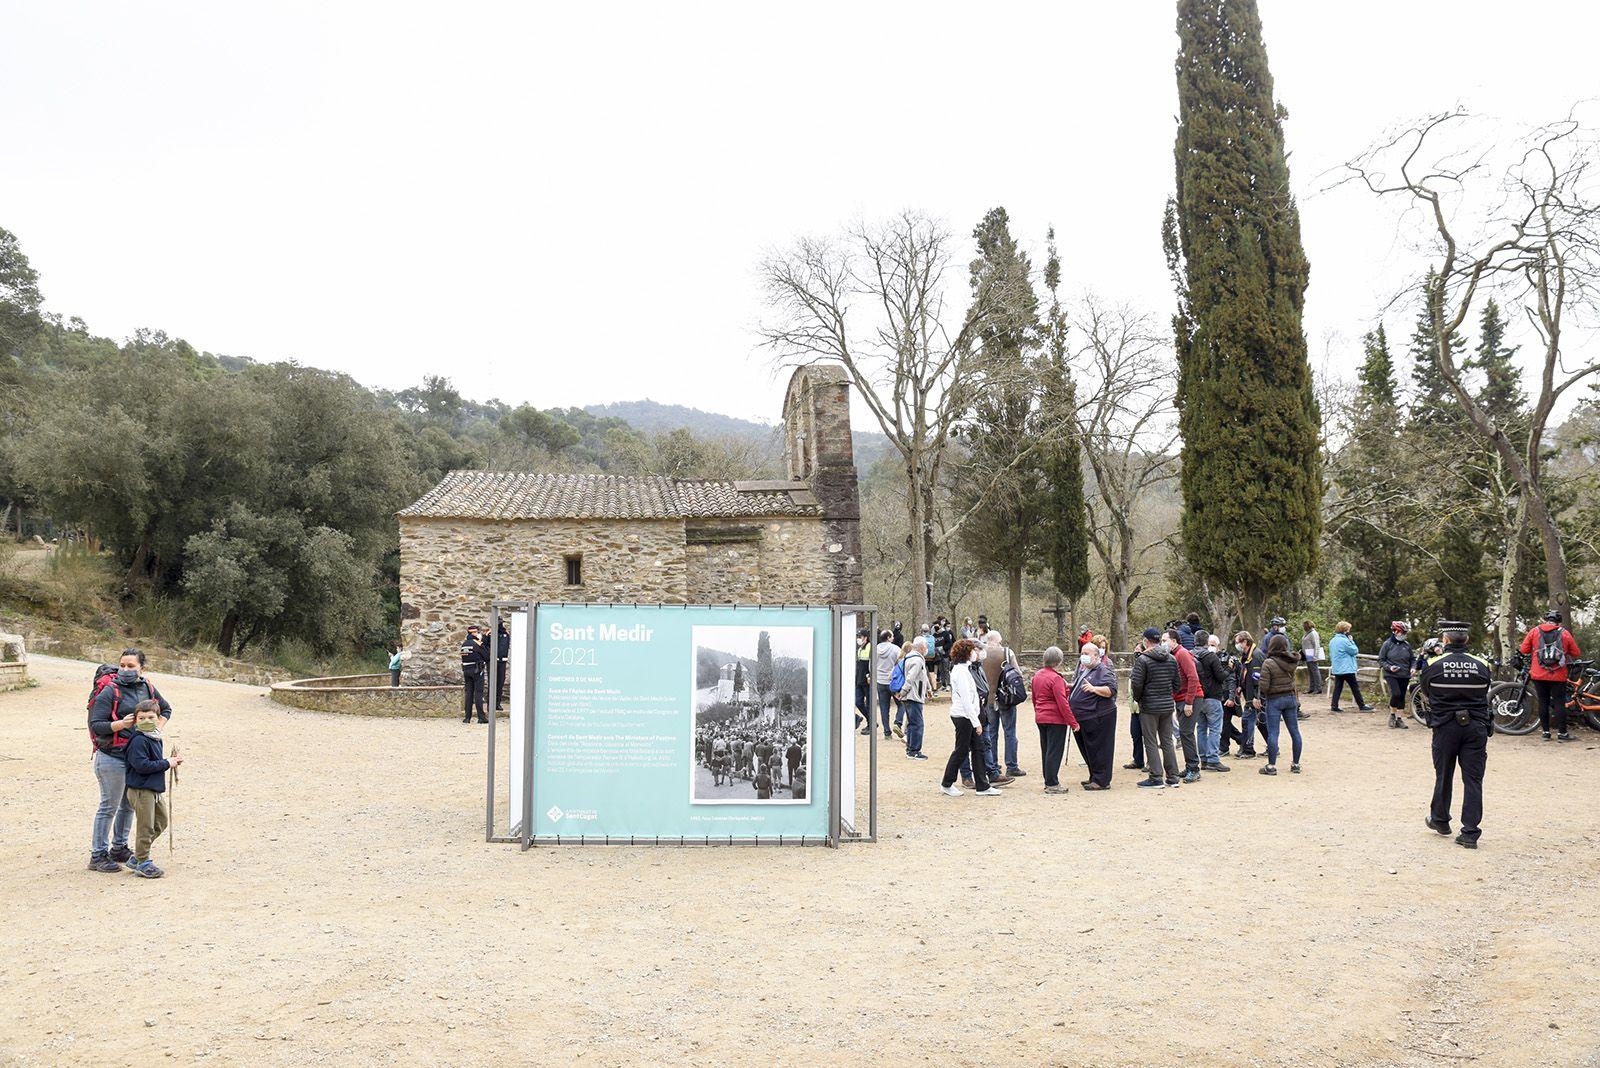 Aplec de Sant Medir. Foto: Bernat Millet.